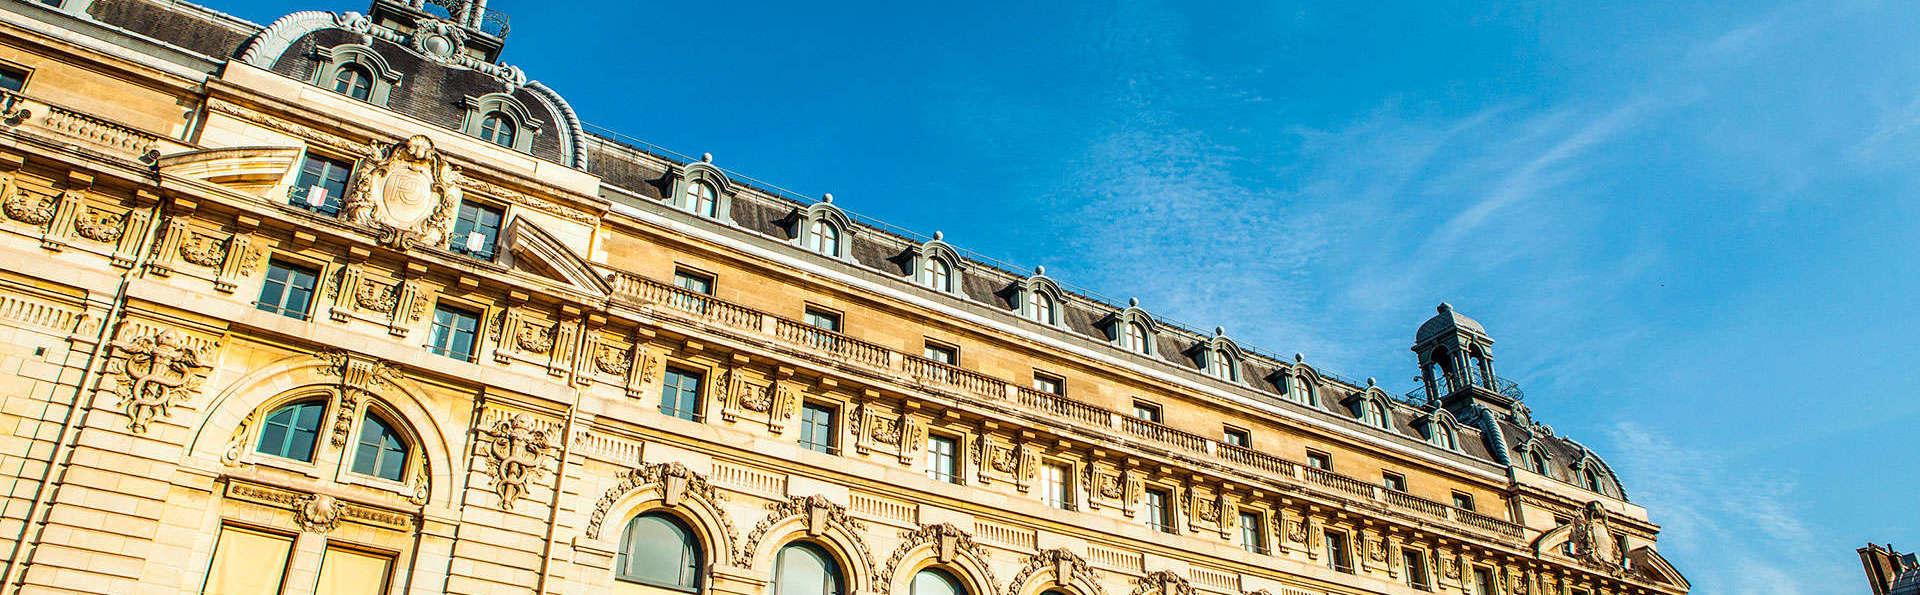 Découverte du Musée d'Orsay et séjours près de Paris